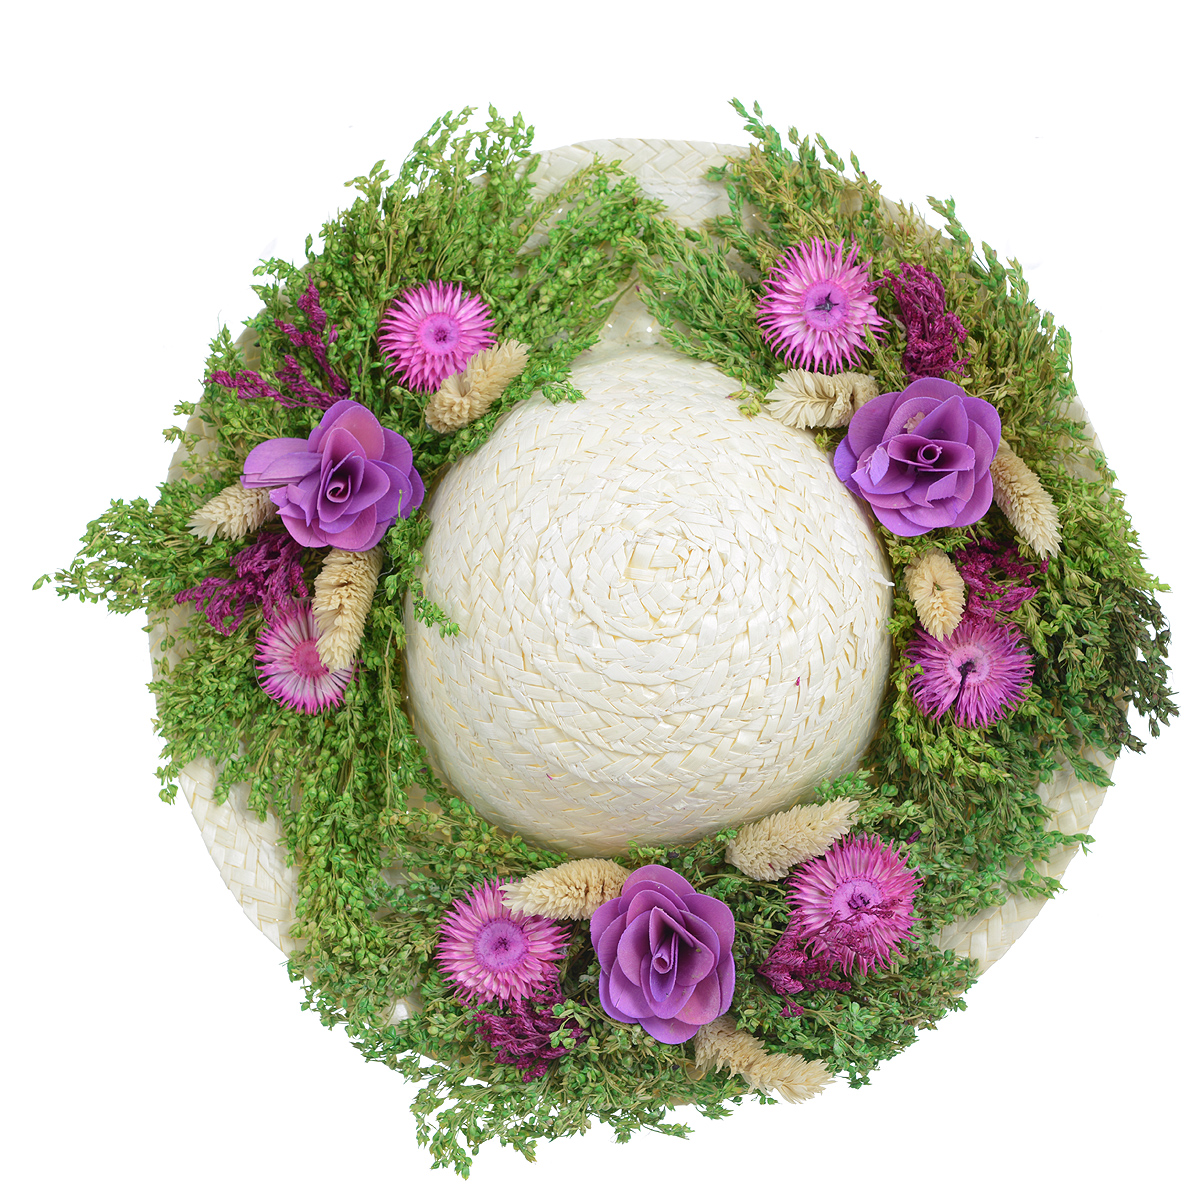 Декоративное настенное украшение Lillo Шляпа. 29 х 29 х 7,5 см украшение декоративное homsu голова оленя 29 5 x 46 x 42 5 см